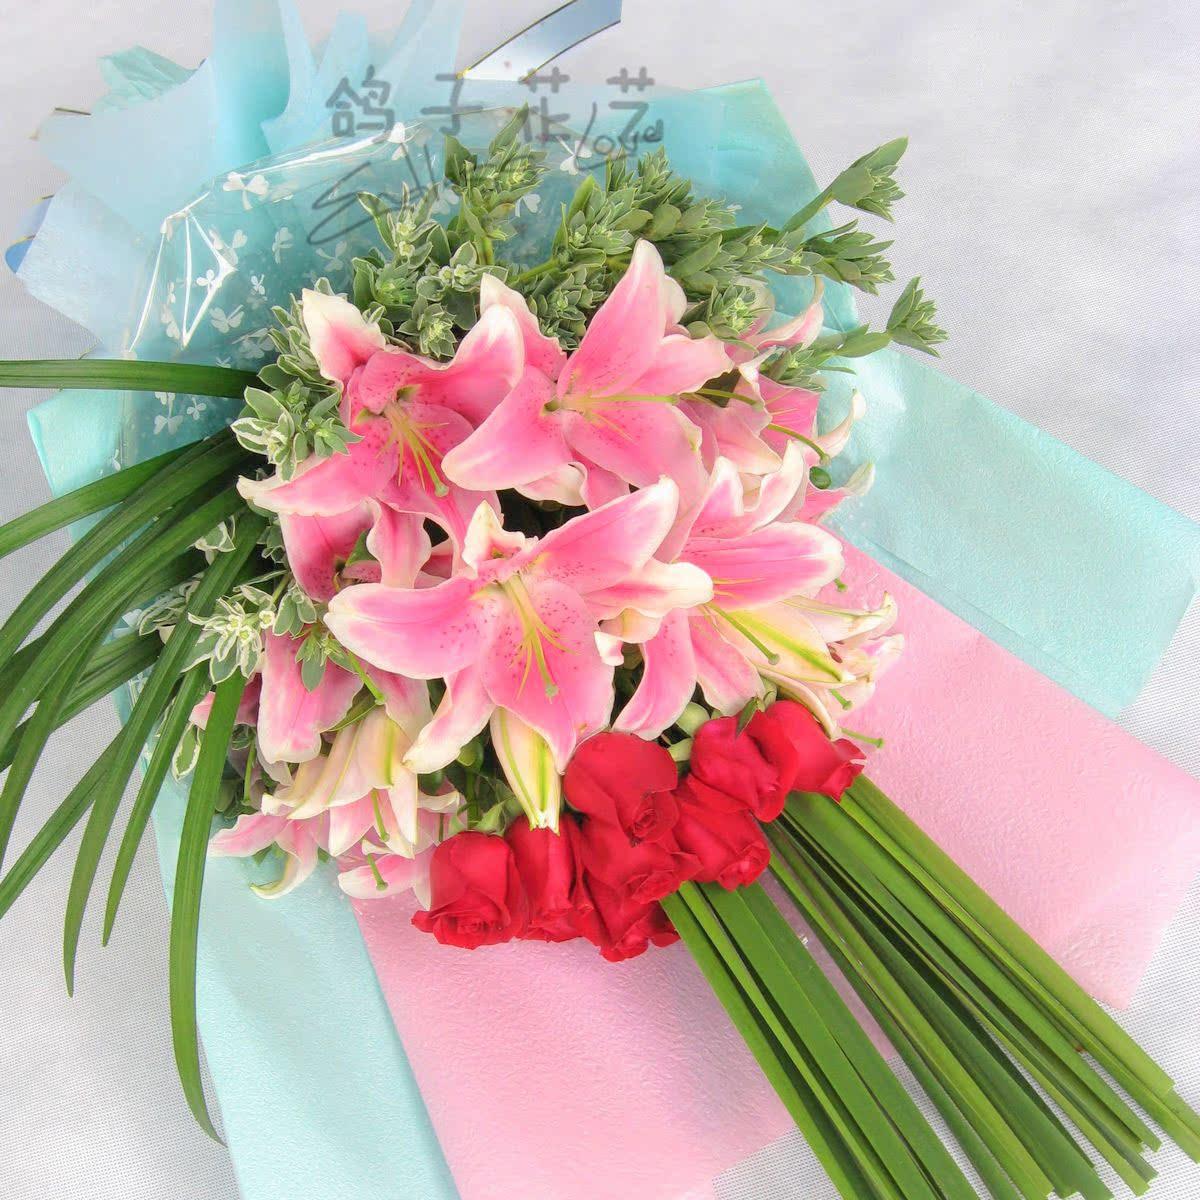 0040-8朵红玫瑰10支粉状态生日祝福议百合道歉用花摩羯座分手后商务图片